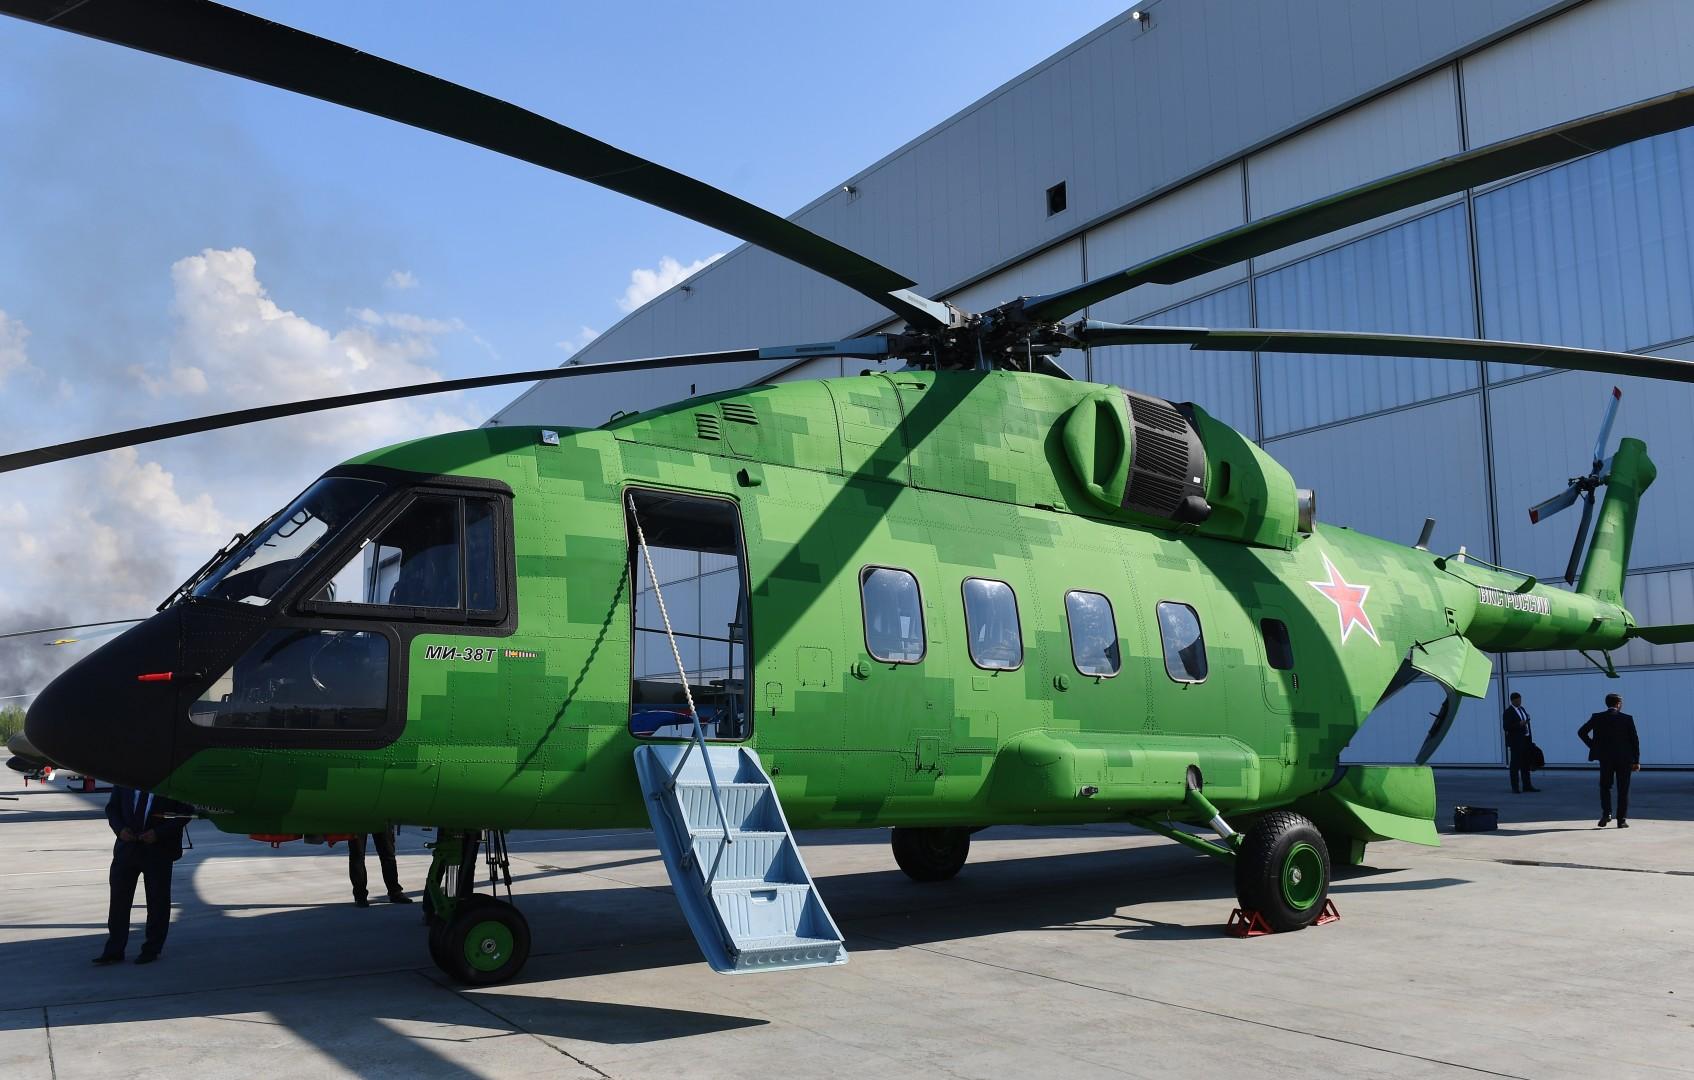 Mi-8/17, Μi-38, Mi-26: News - Page 11 JSLGm1K-WT4